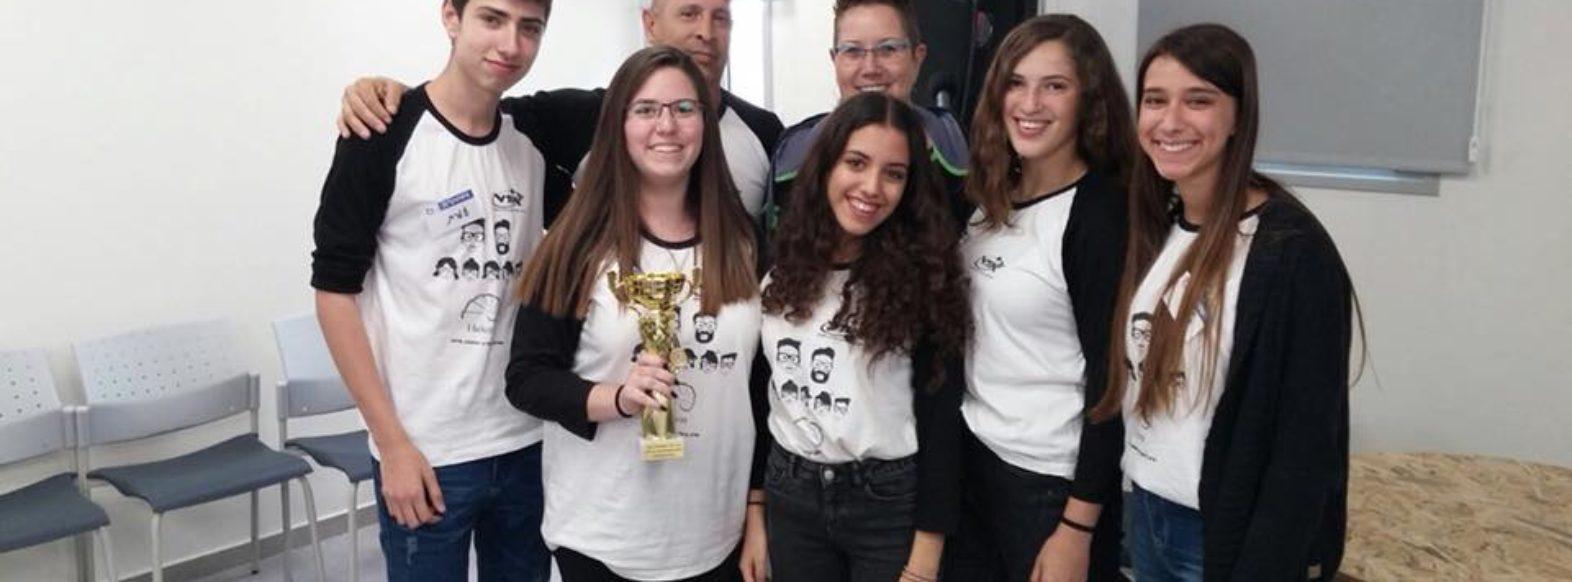 תלמידי אורט קריית ביאליק זכו במקום ראשון בתחרות גמר האקתון 70 לחדשנות